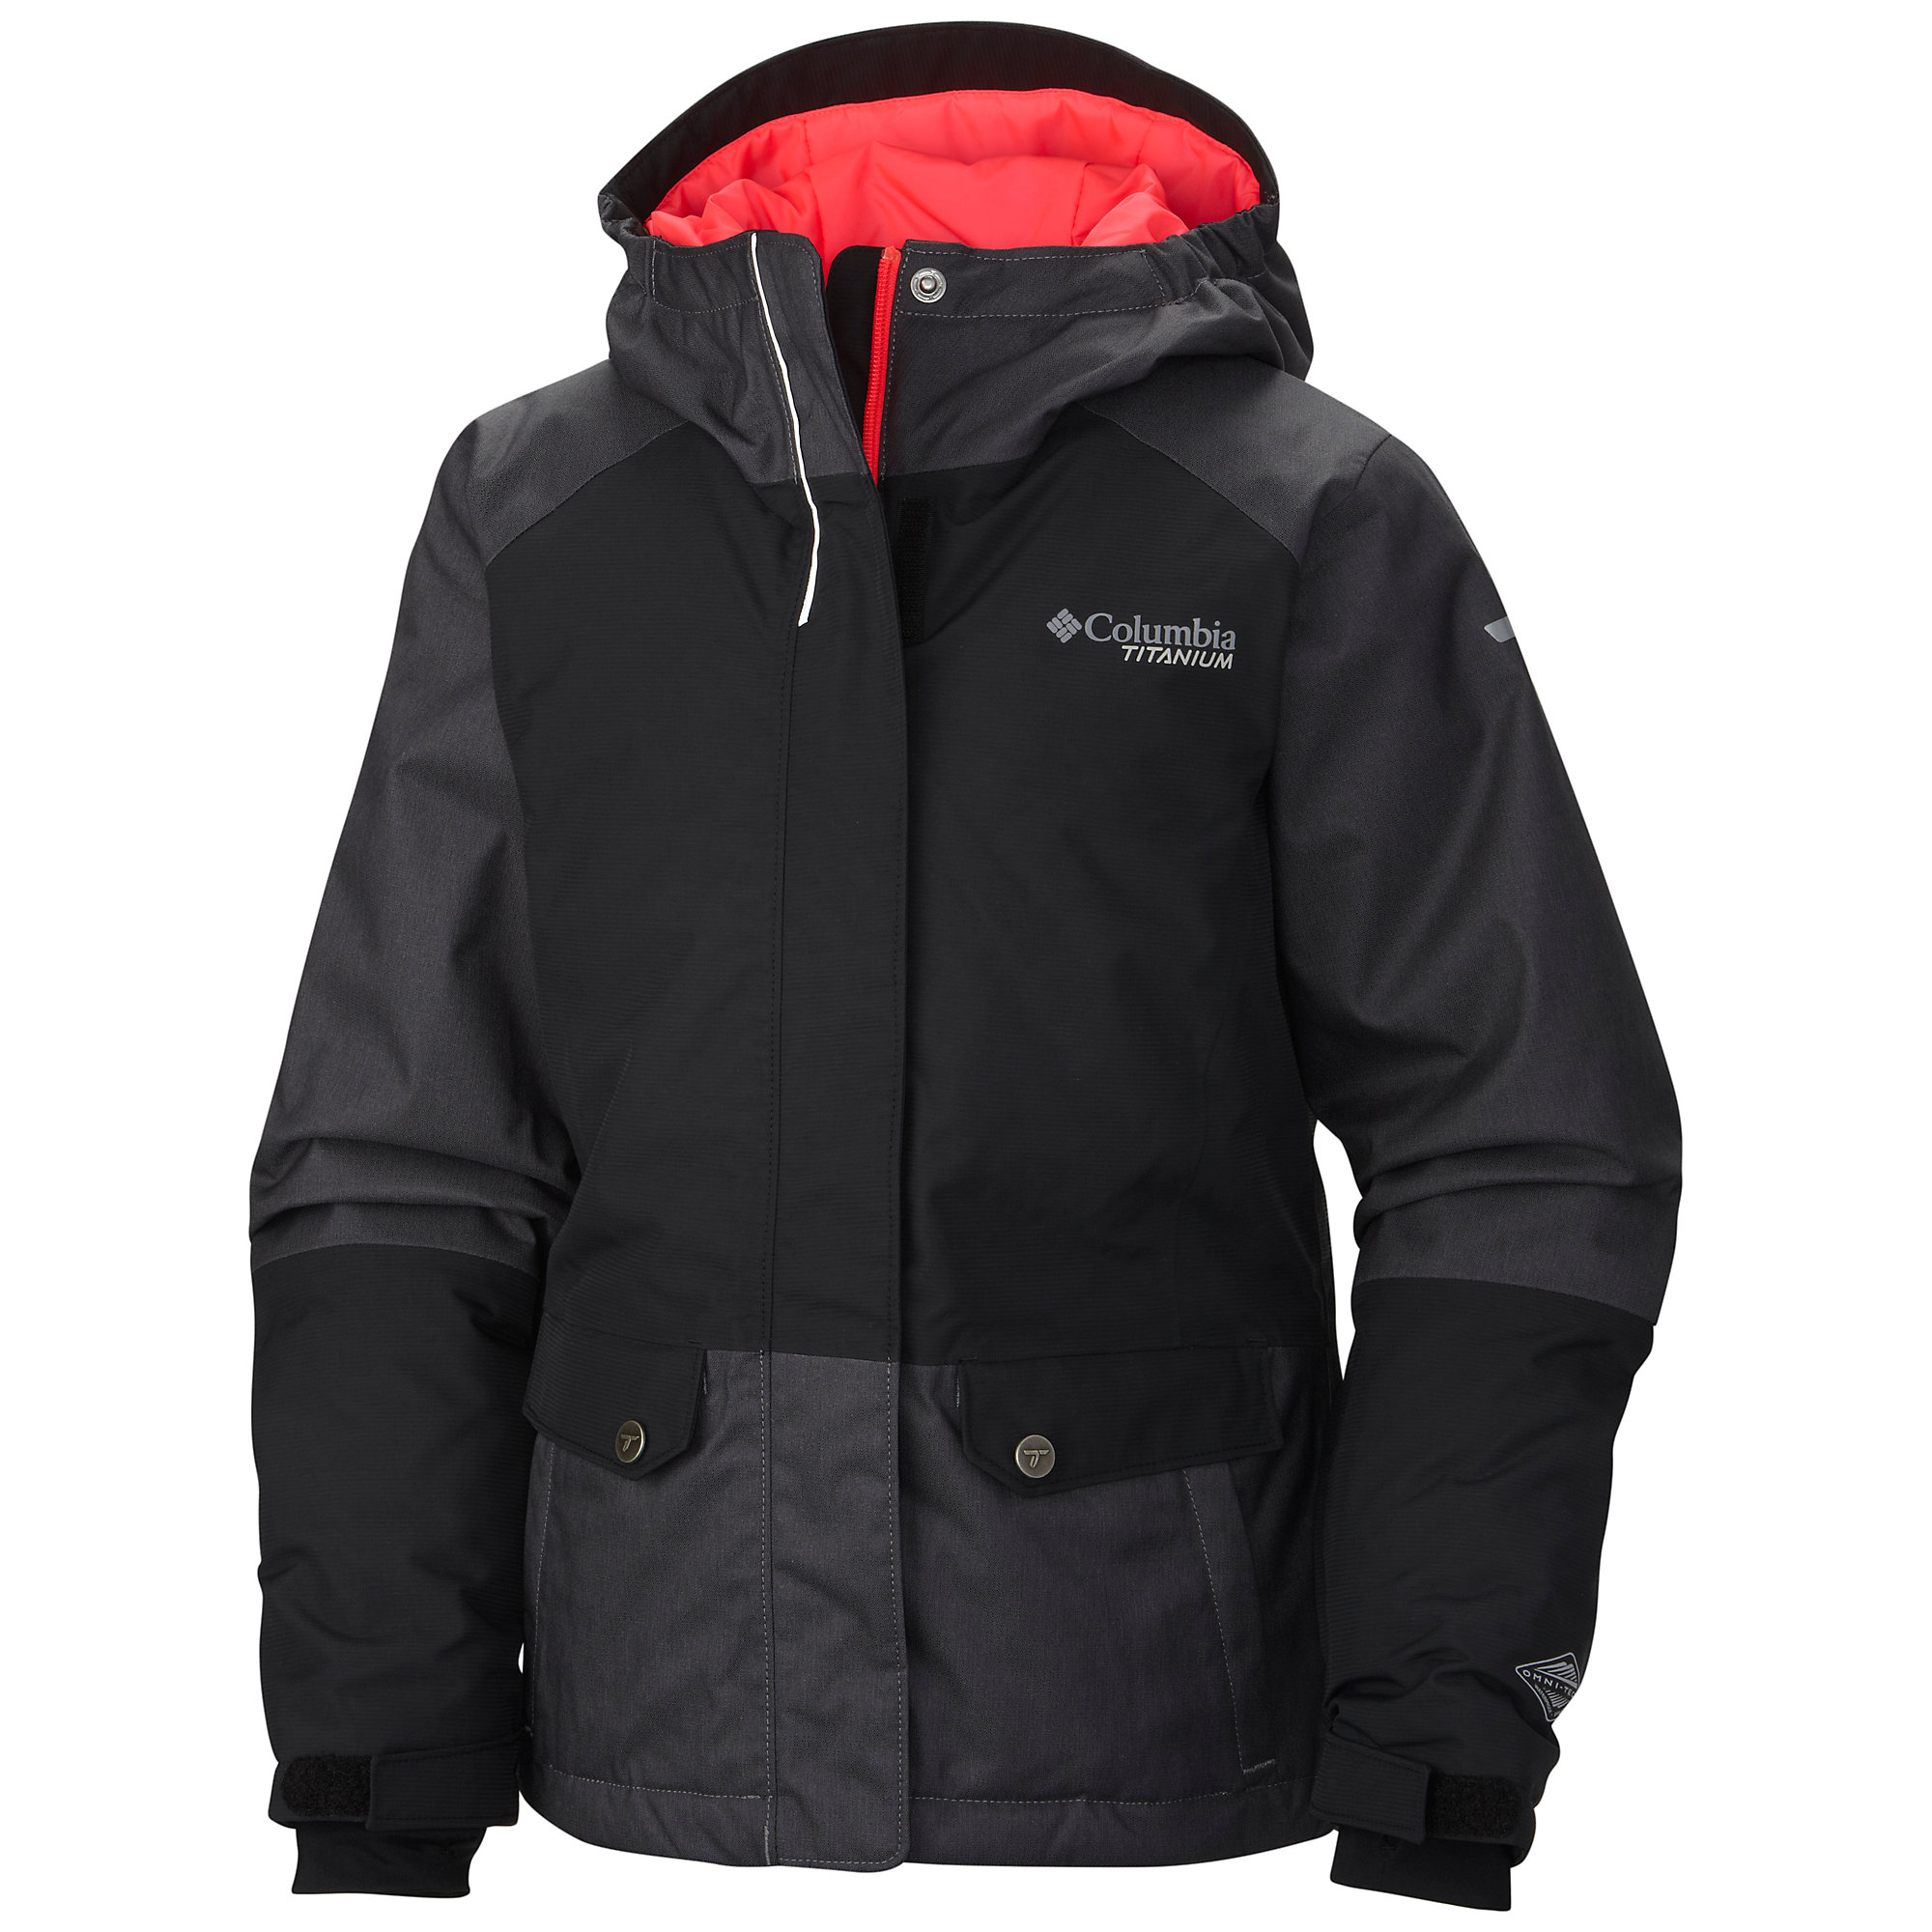 Columbia Shredlicious Jacket